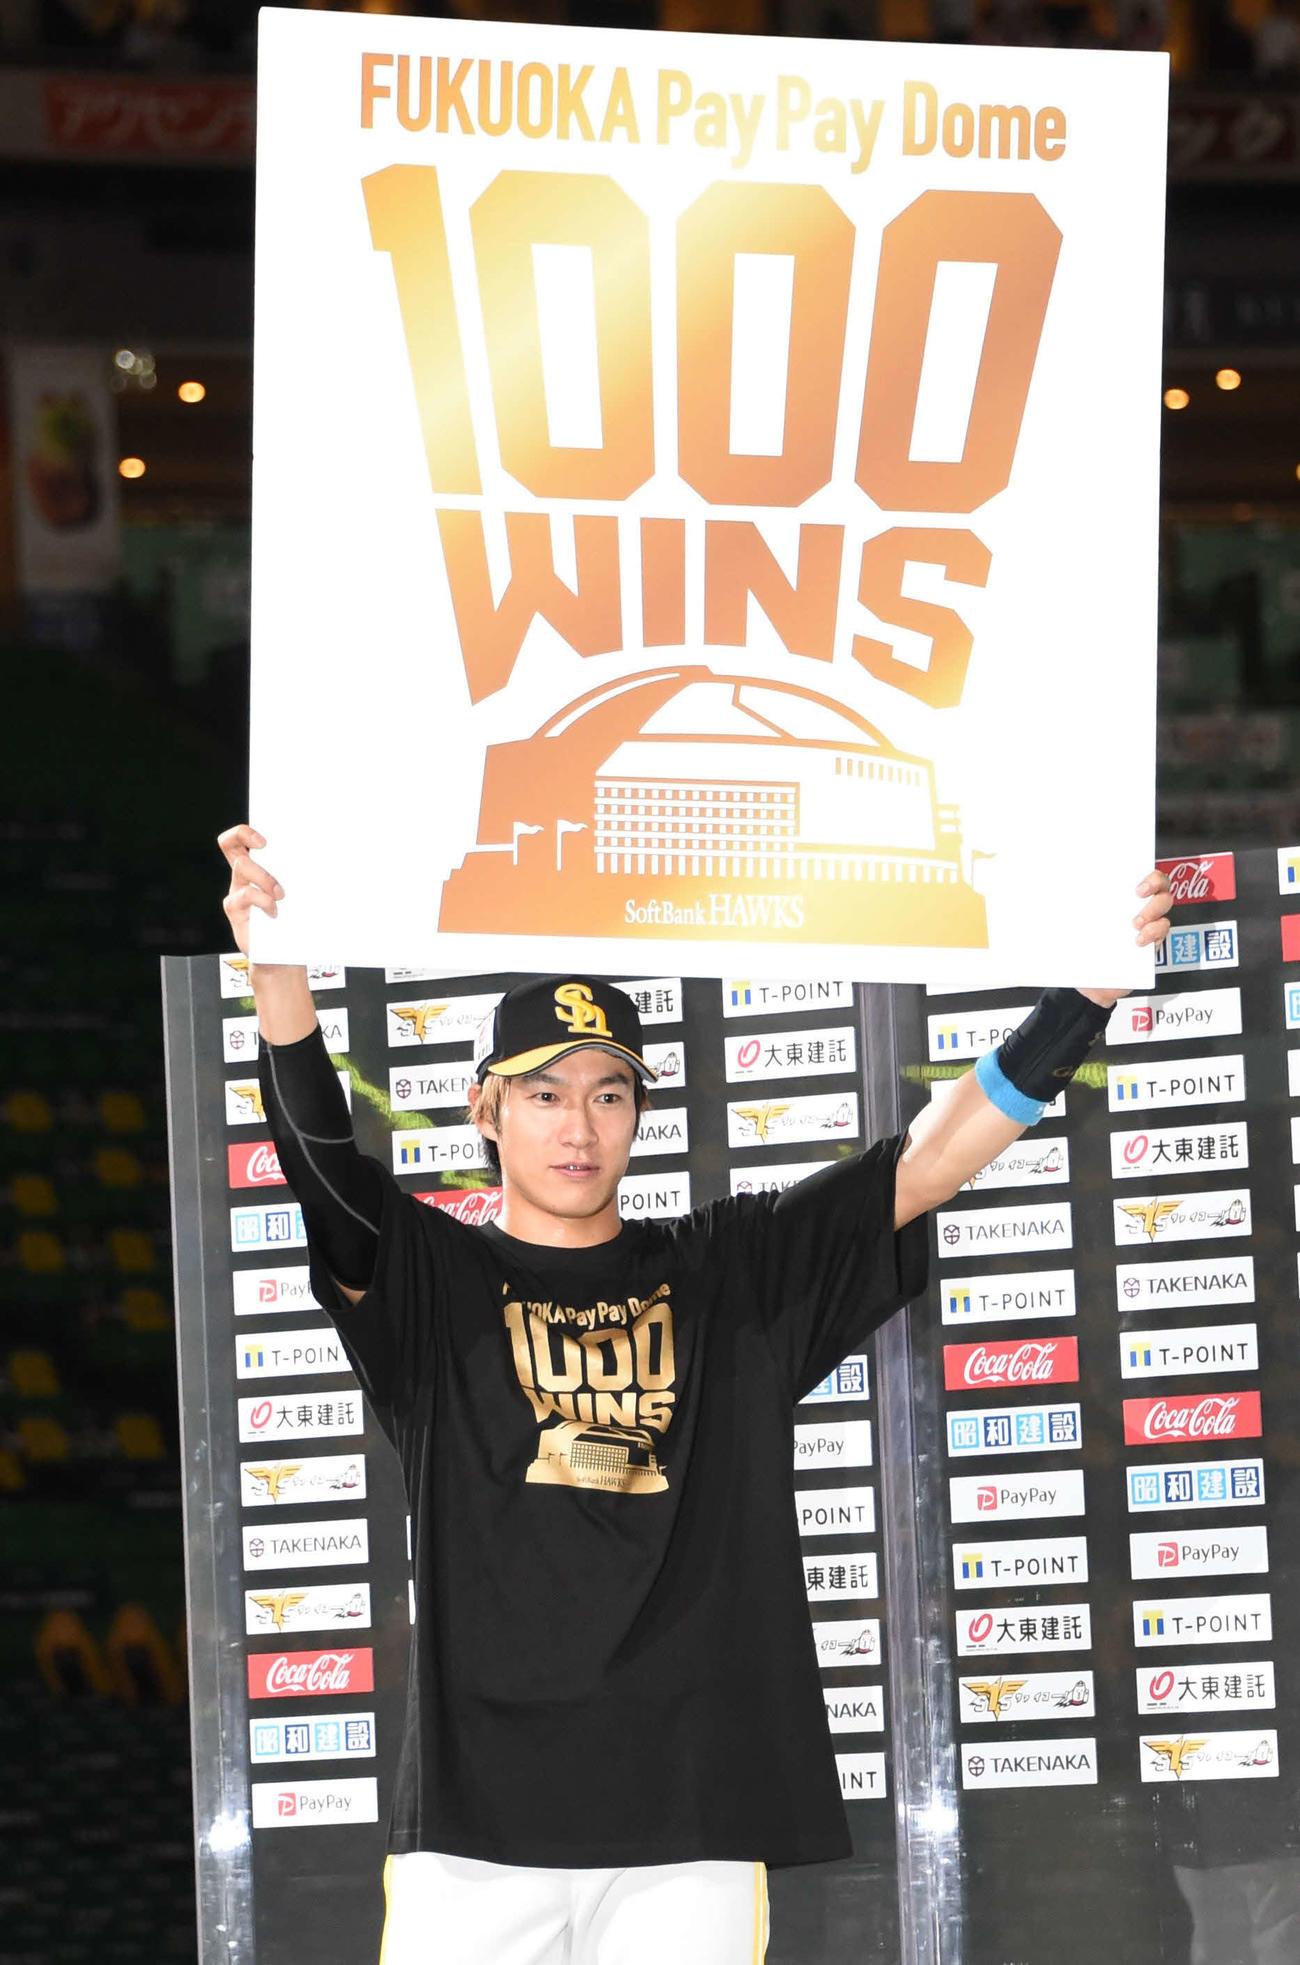 ソフトバンク対楽天 ペイペイドーム1000勝のボードを掲げる柳田(撮影・今浪浩三)